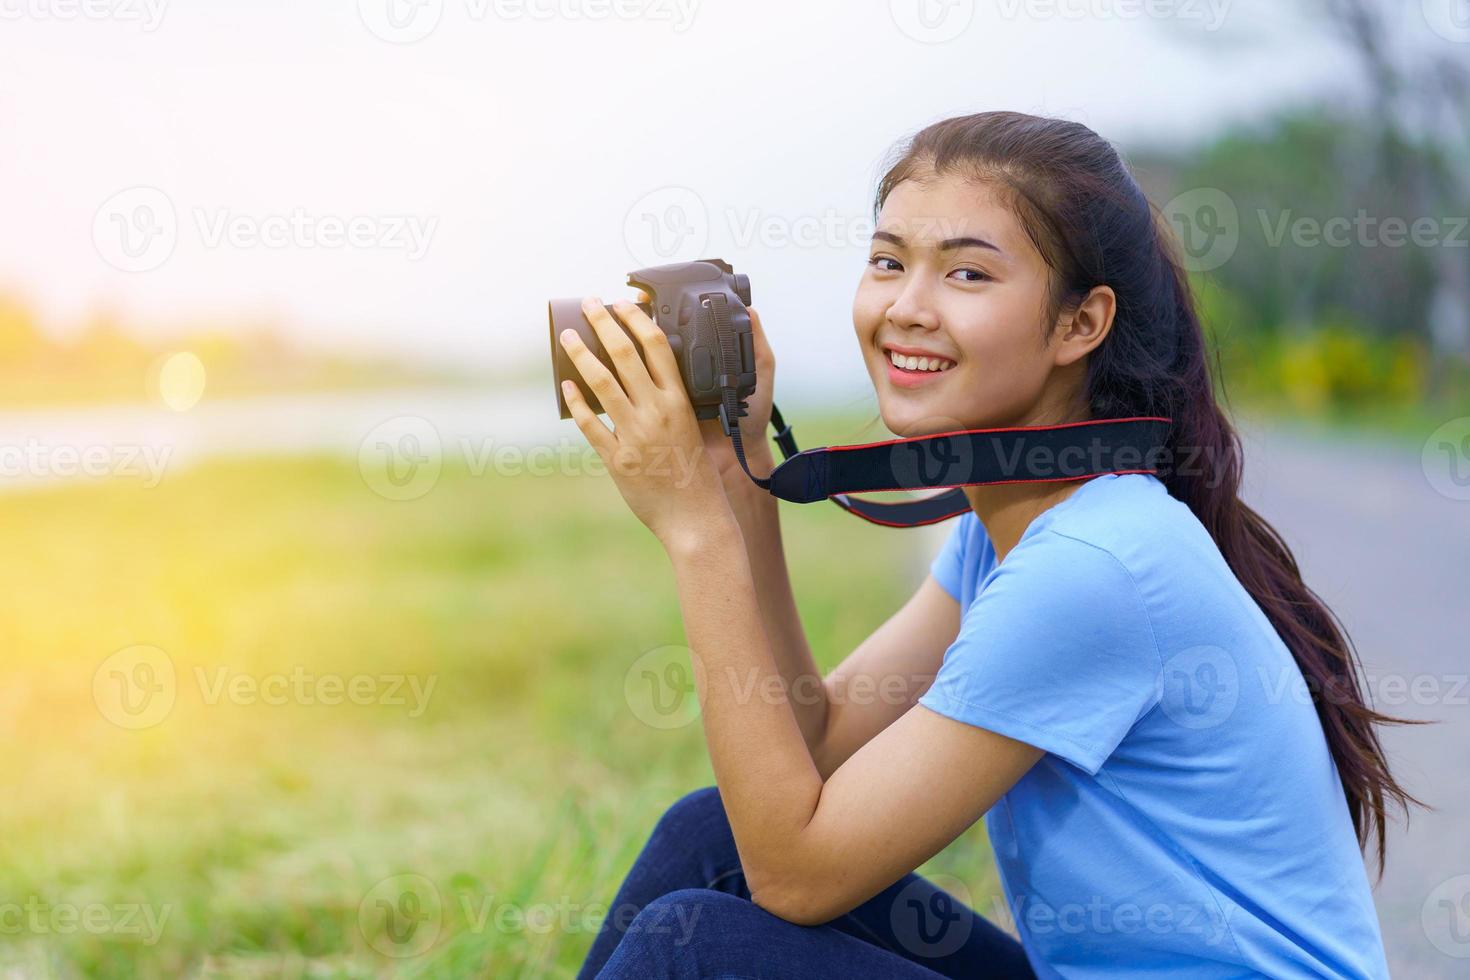 Retrato de una hermosa niña sonriendo con una cámara en las manos foto